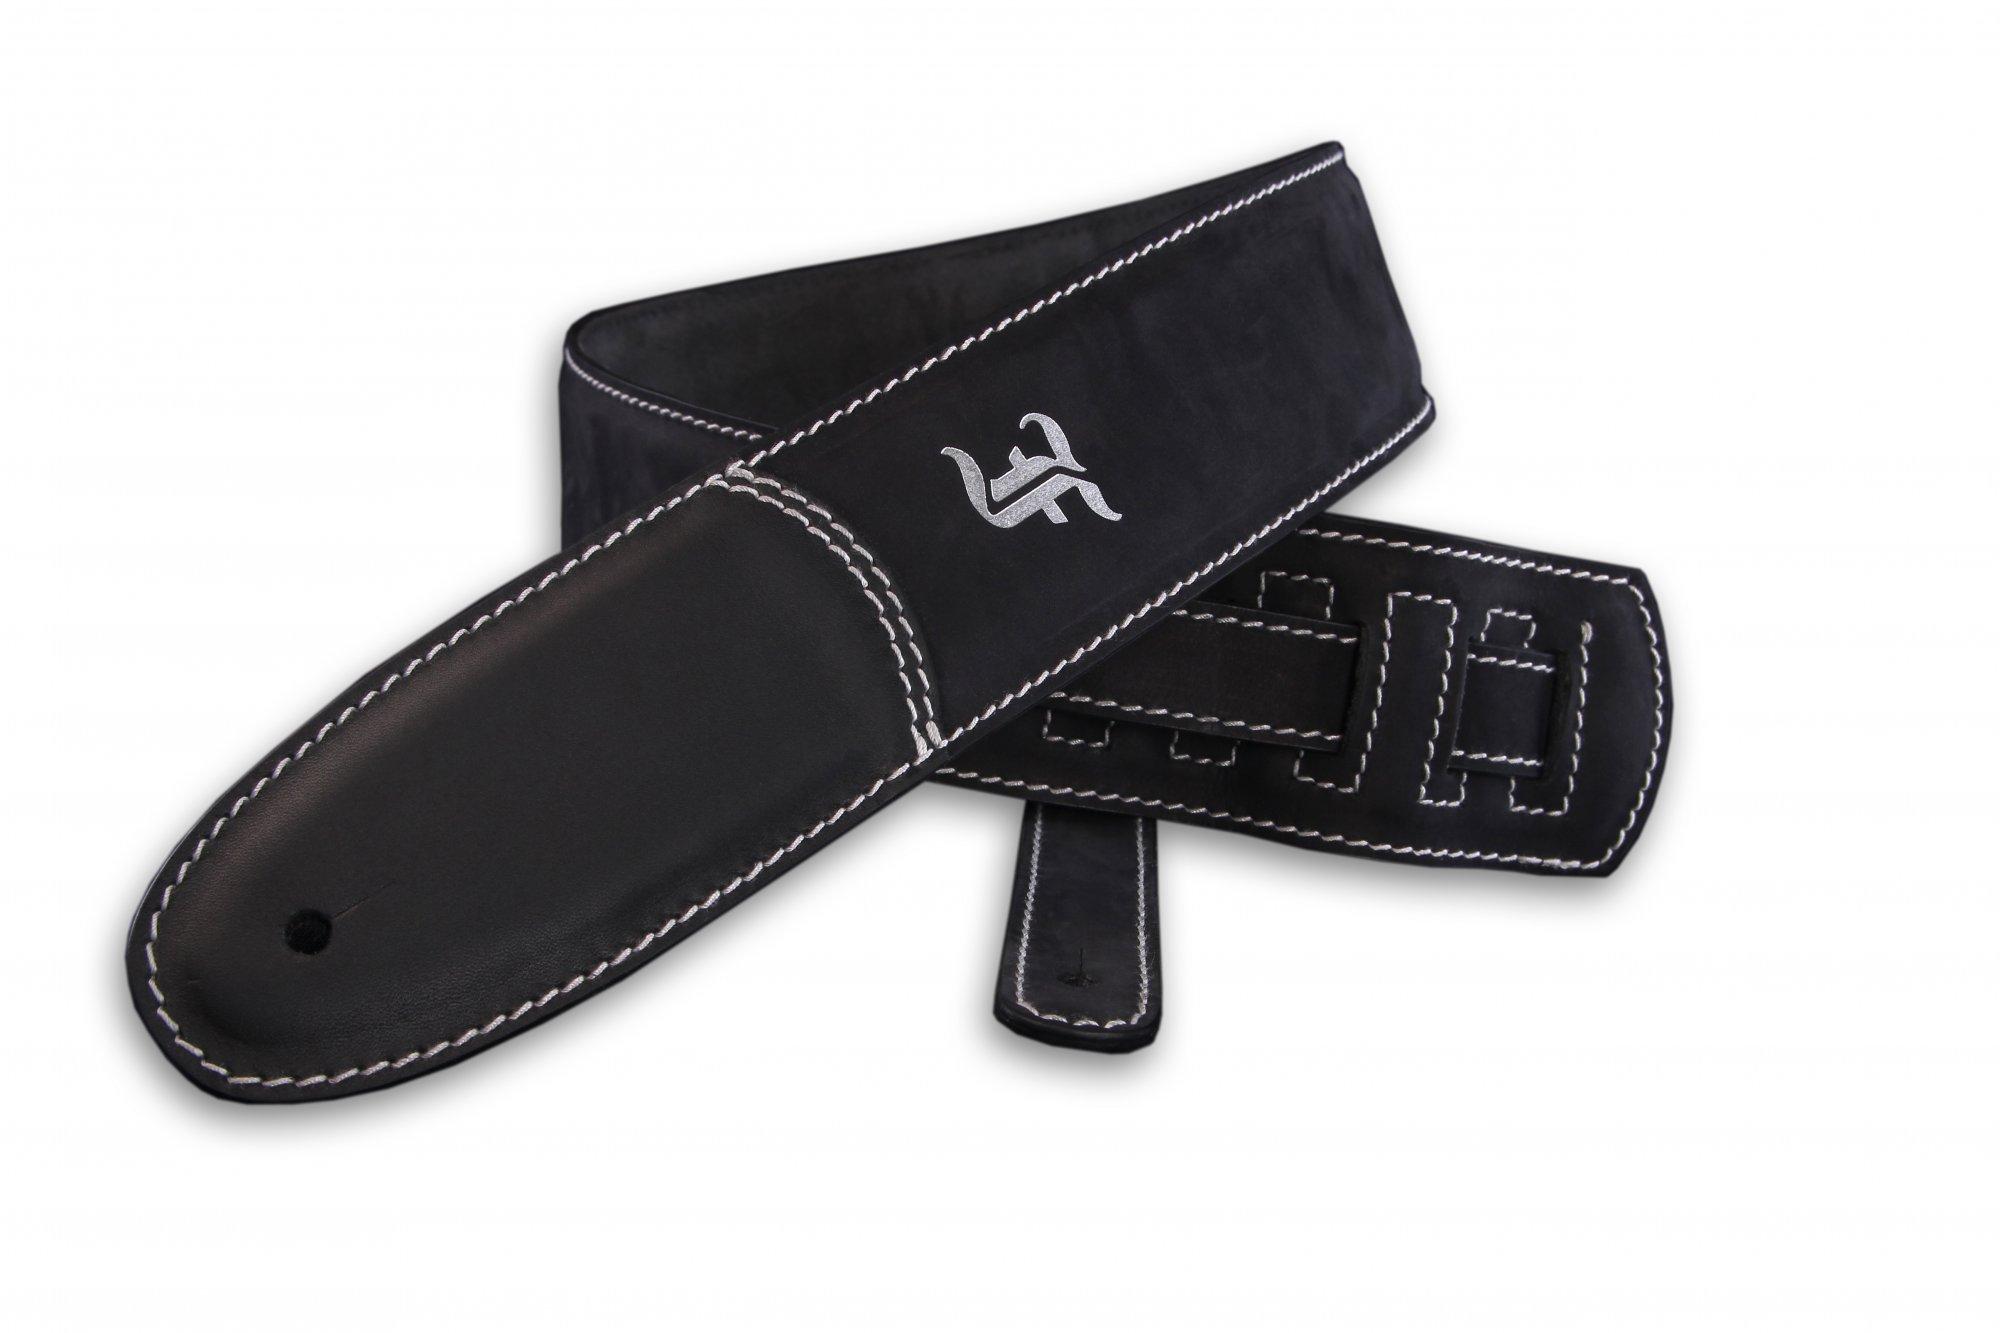 Furch Premium Leather Strap